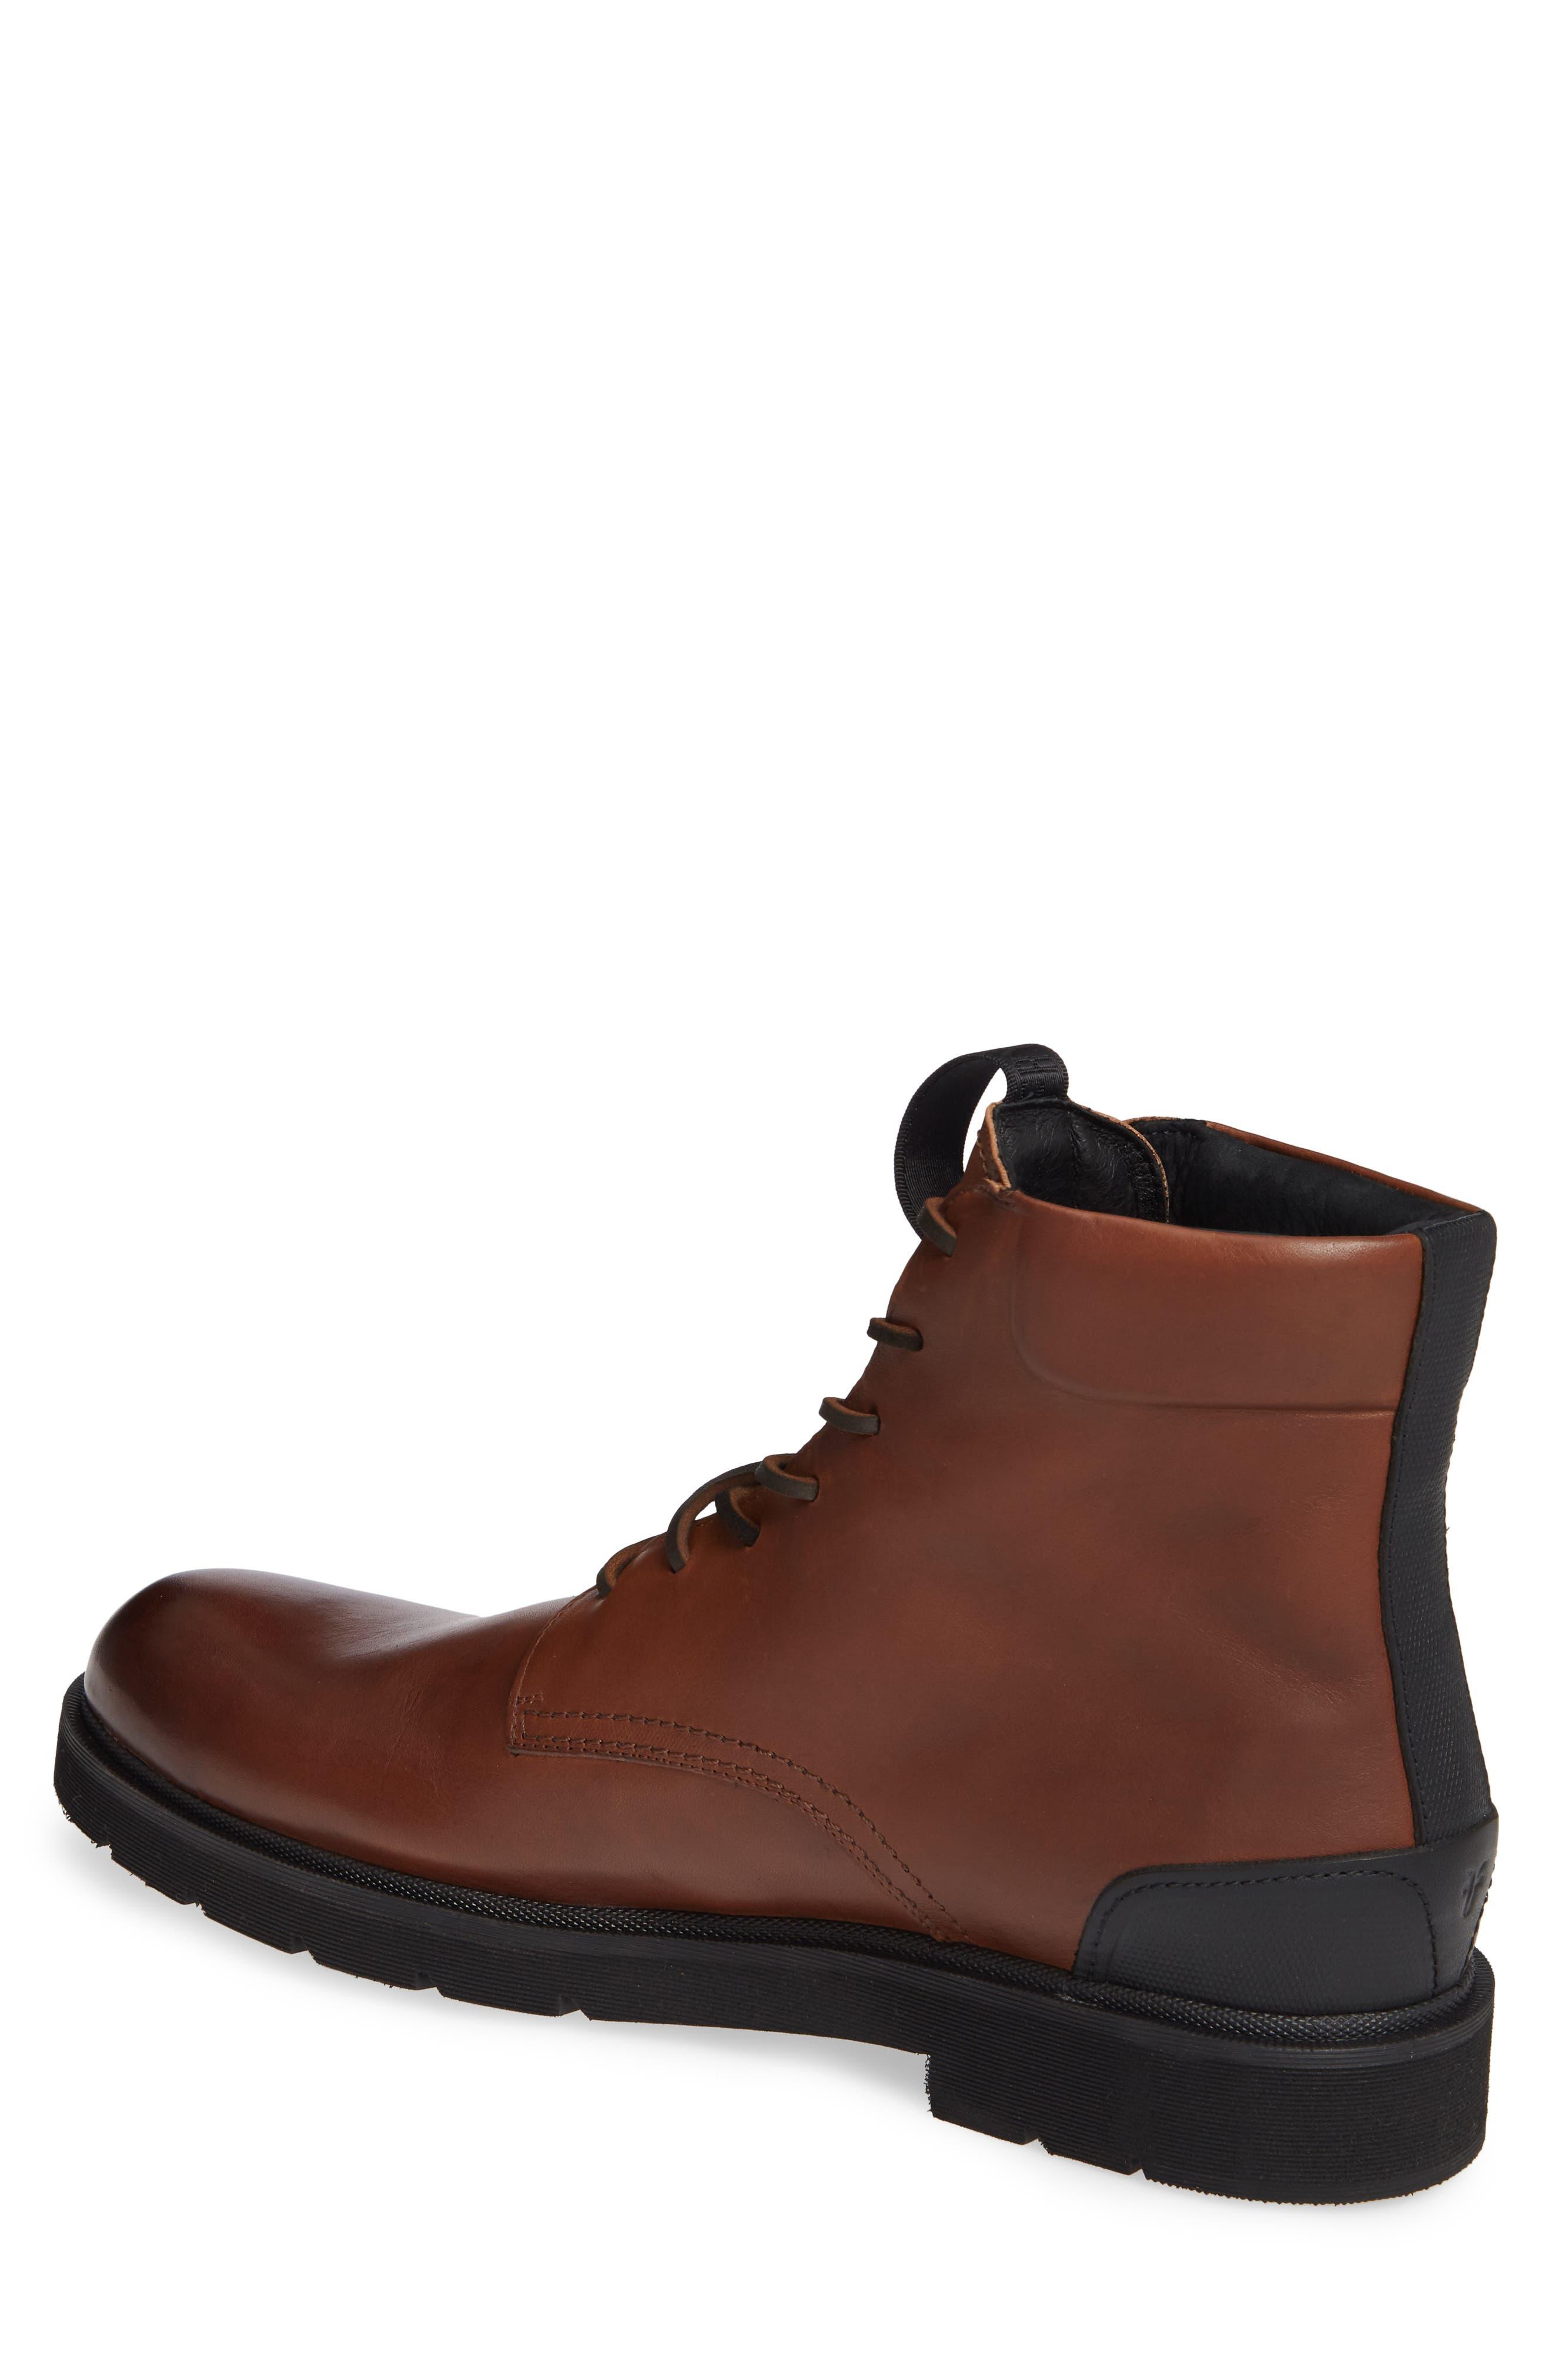 Terra Plain Toe Boot,                             Alternate thumbnail 2, color,                             235